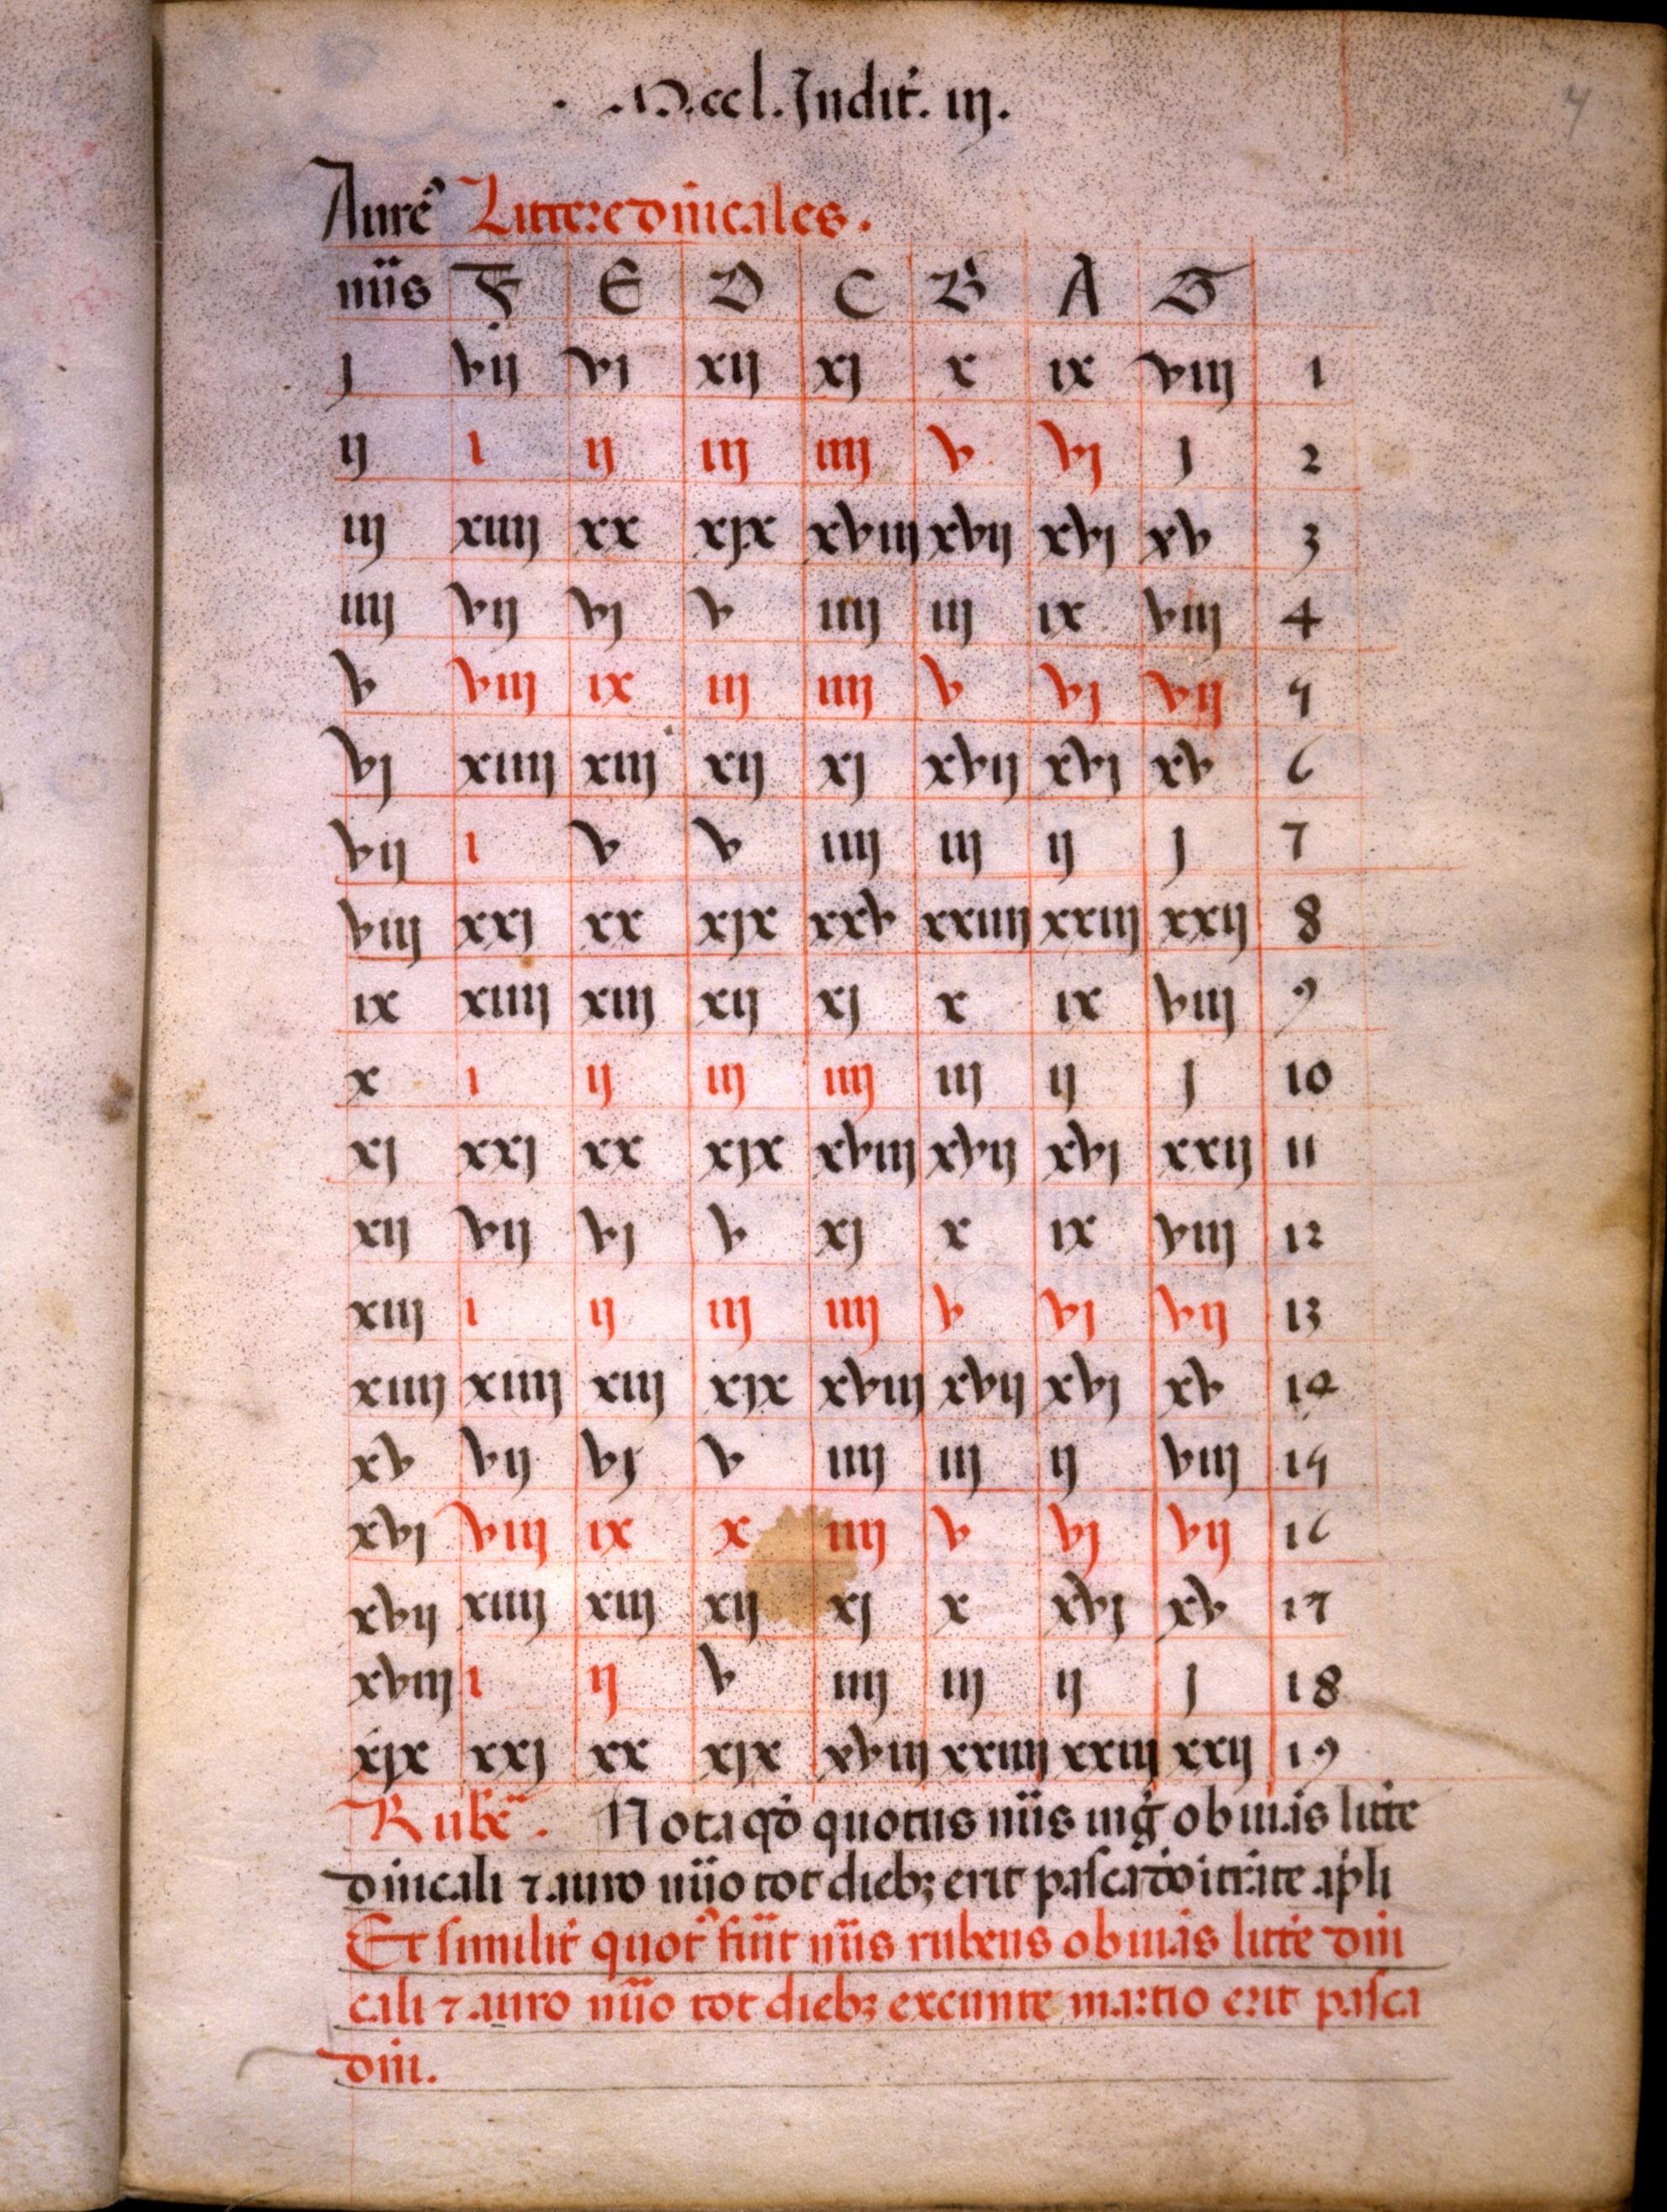 An Easter Calendar from Newberry Library Manuscript